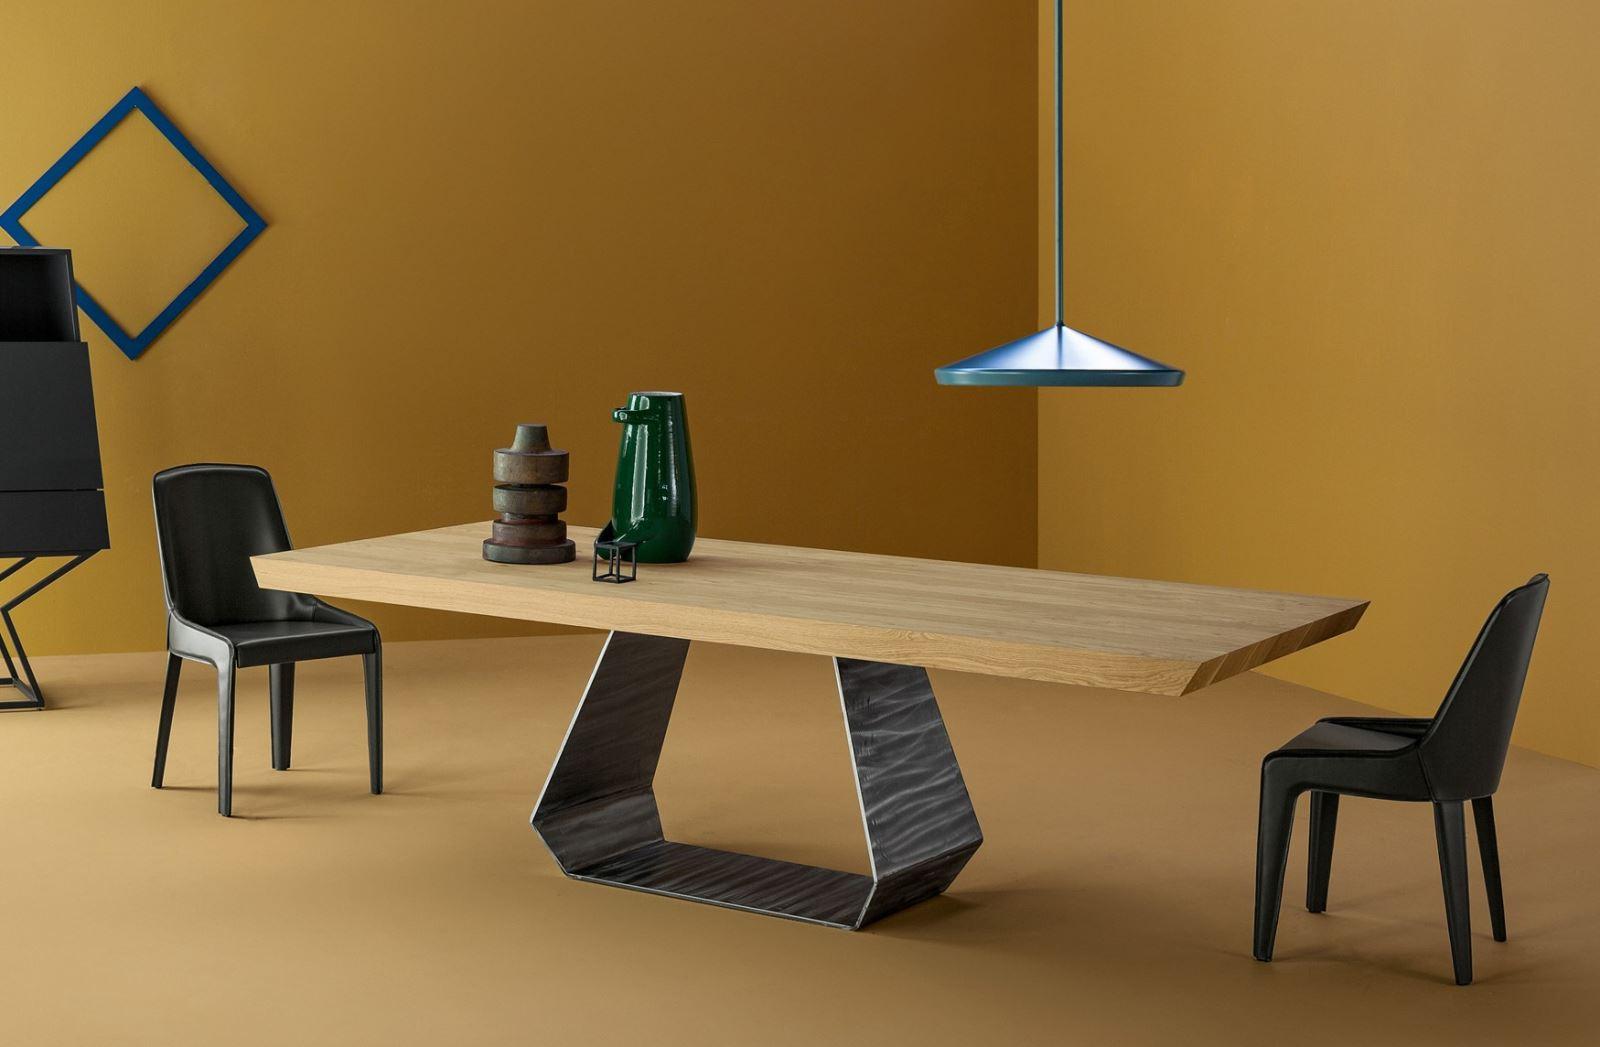 Bonaldo tavoli e sedie 2016 al salone del mobile for Tavolo salone